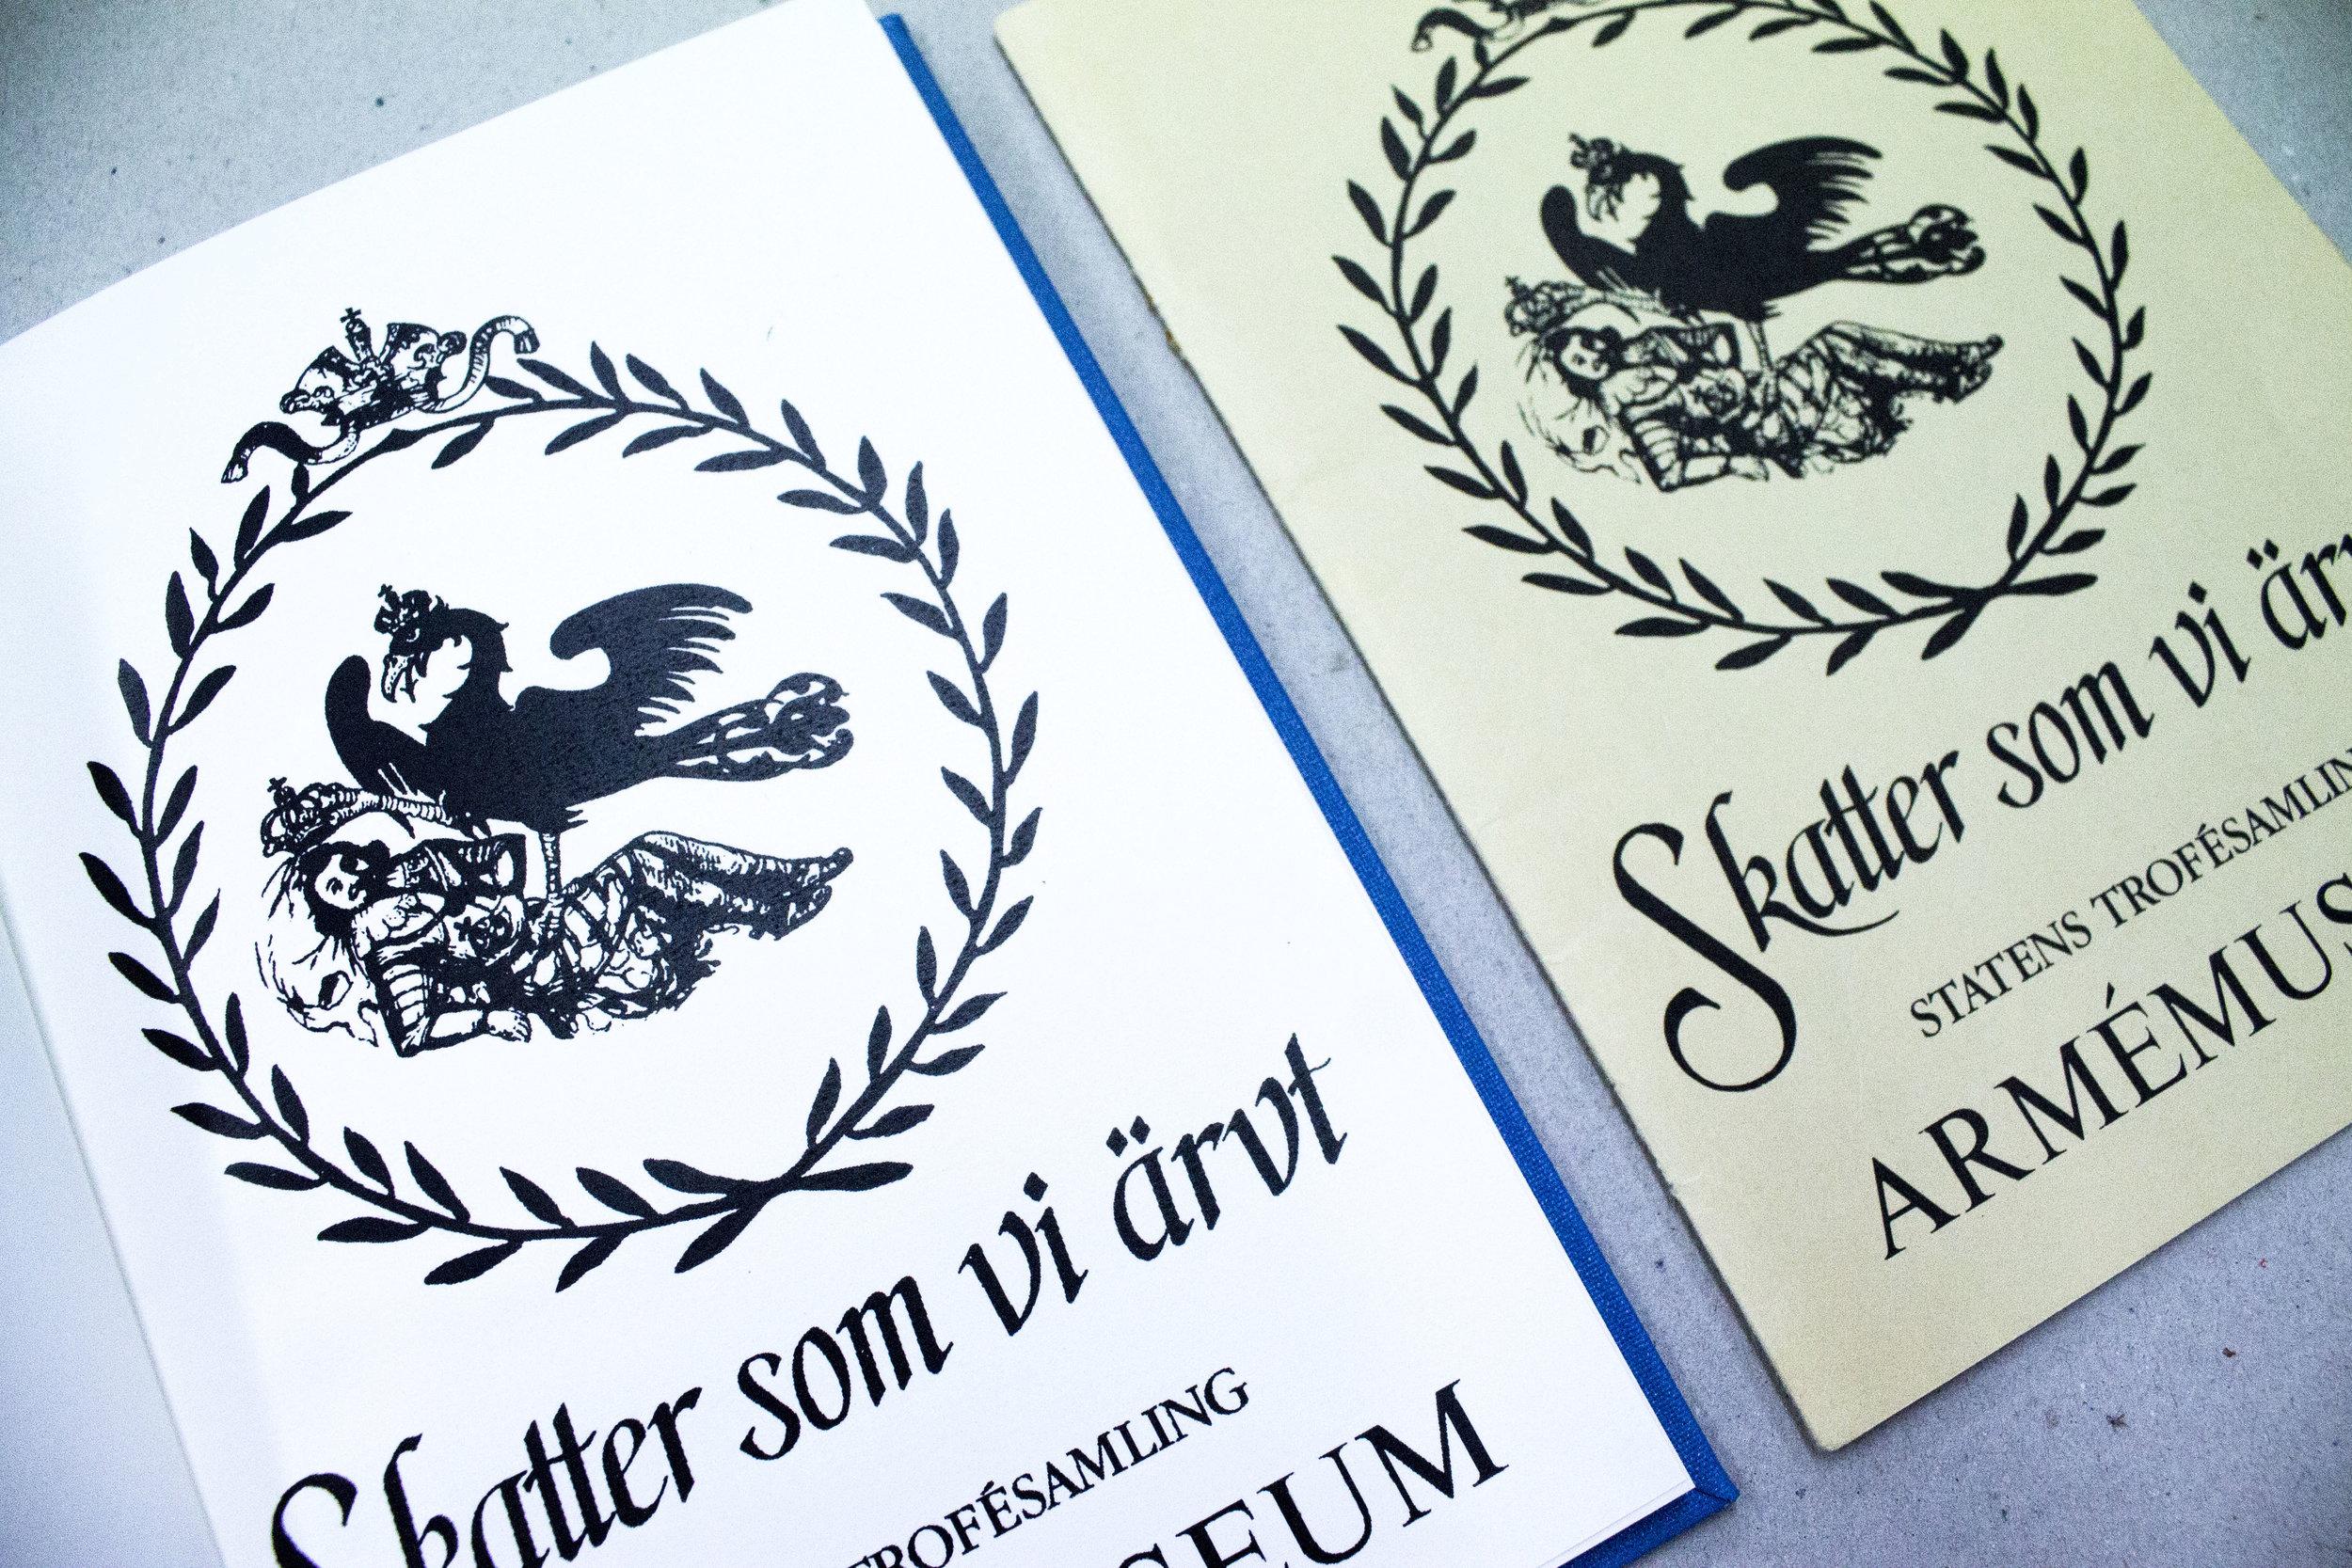 Skatter Book (3).jpg